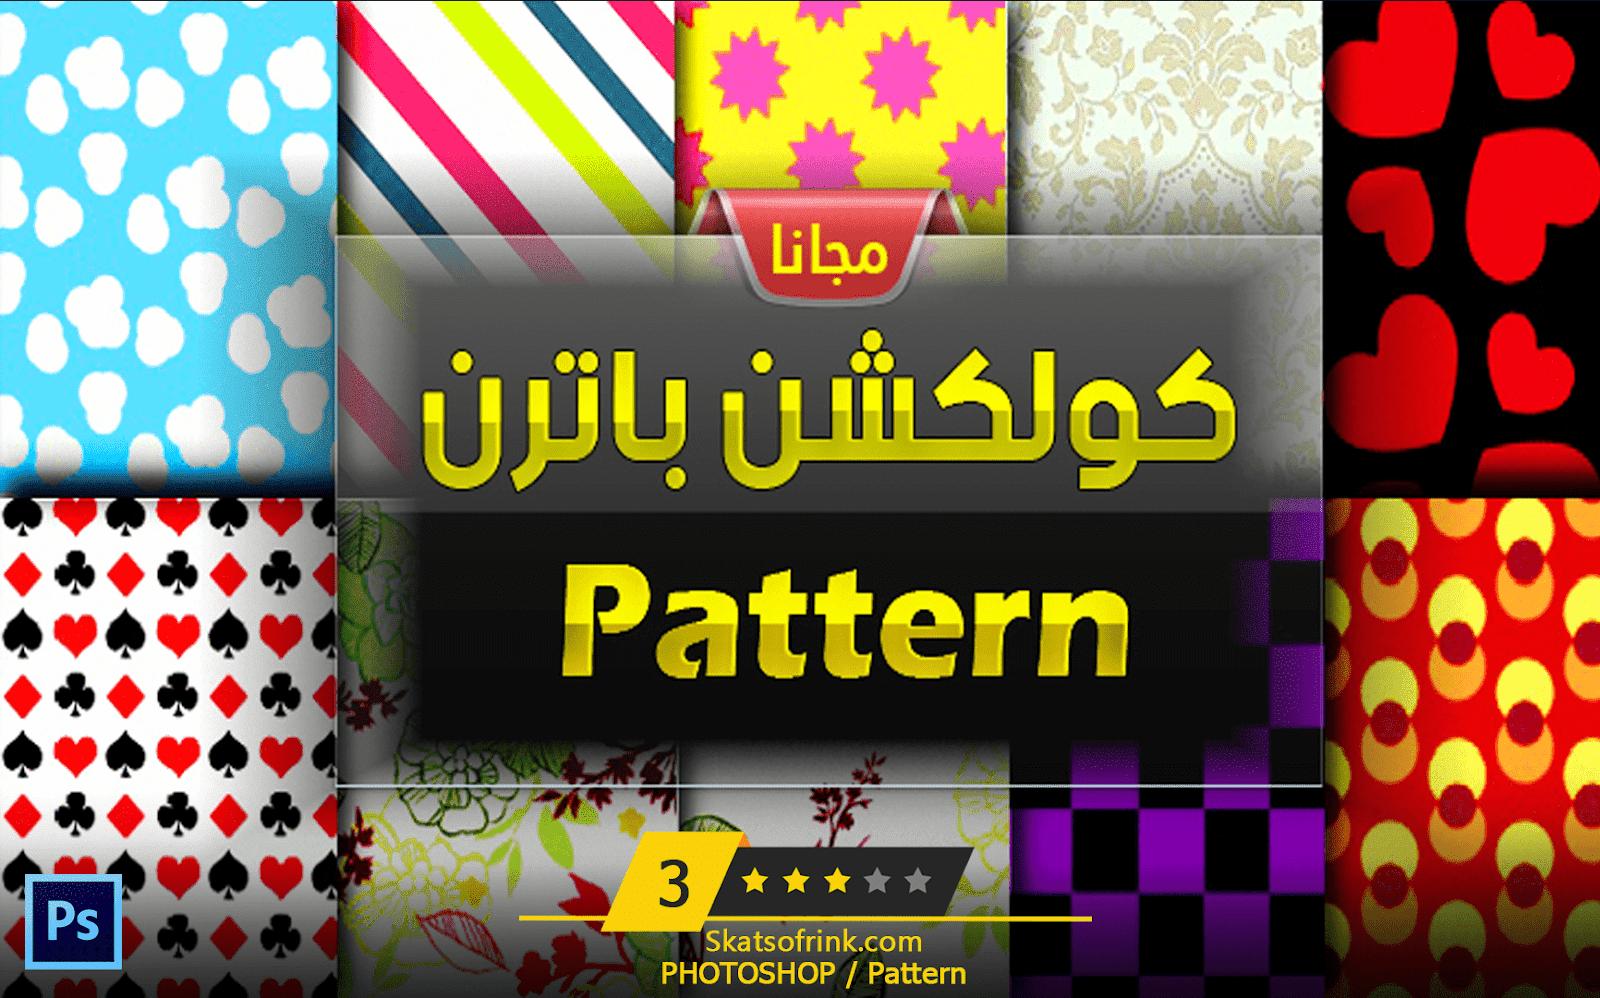 أفضل باترن فوتوشوب ملحقات المصمم المحترف Photoshop Pattern Pattern Photoshop Lilo